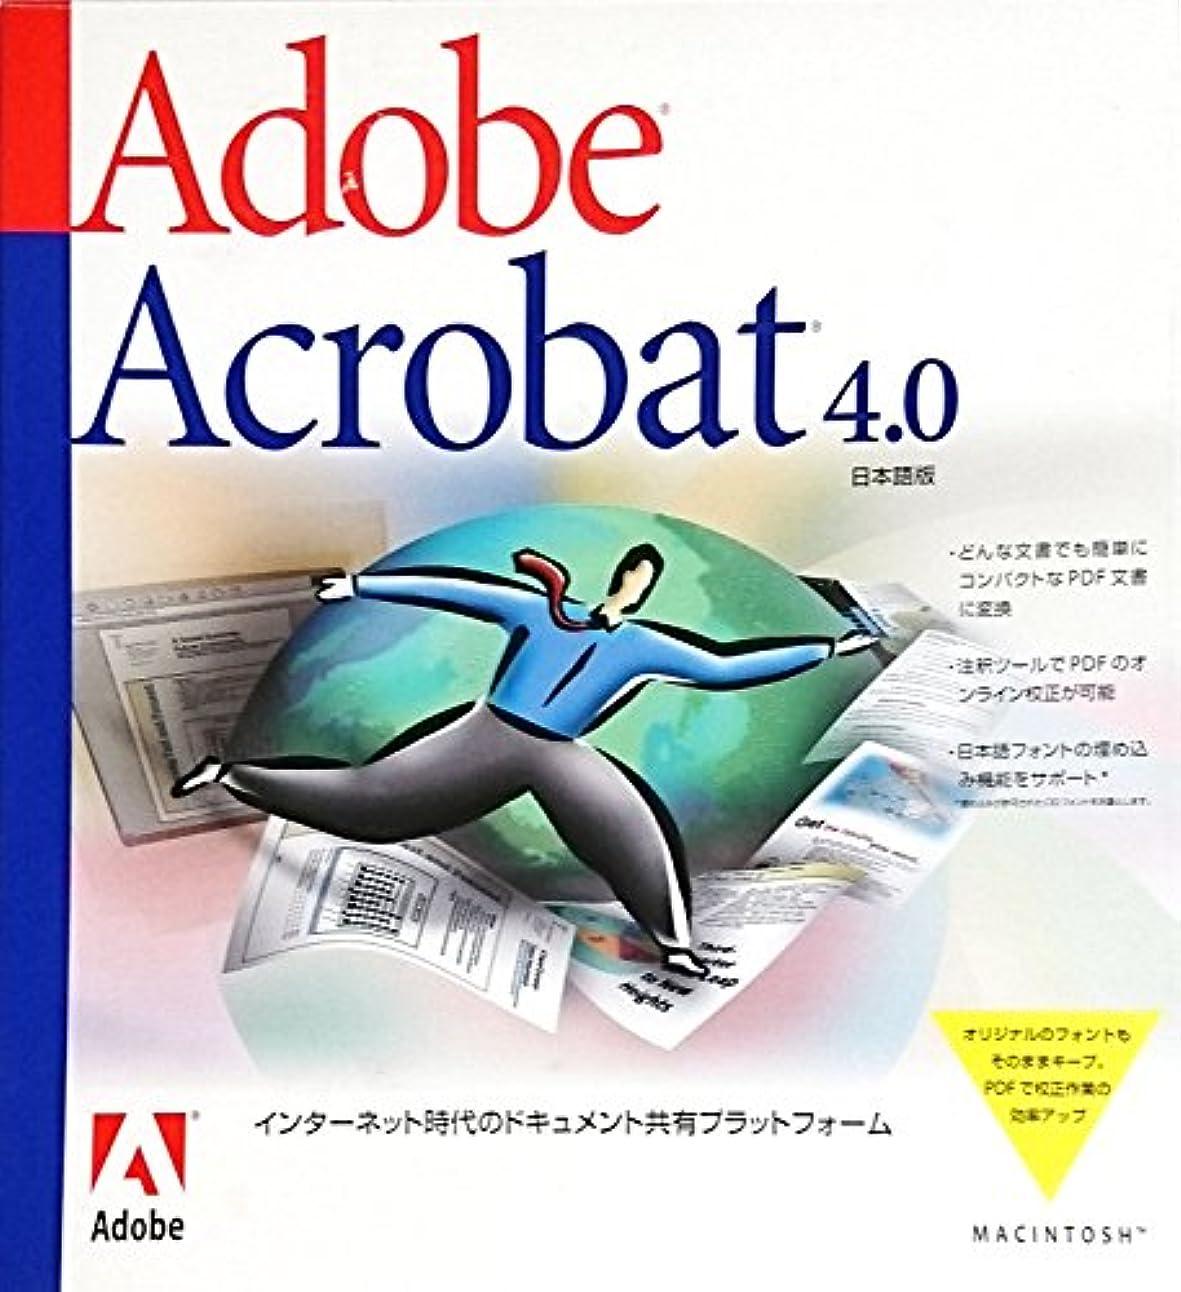 メダリストフローティング協会Adobe Acrobat 4.0 日本語版 Macintosh